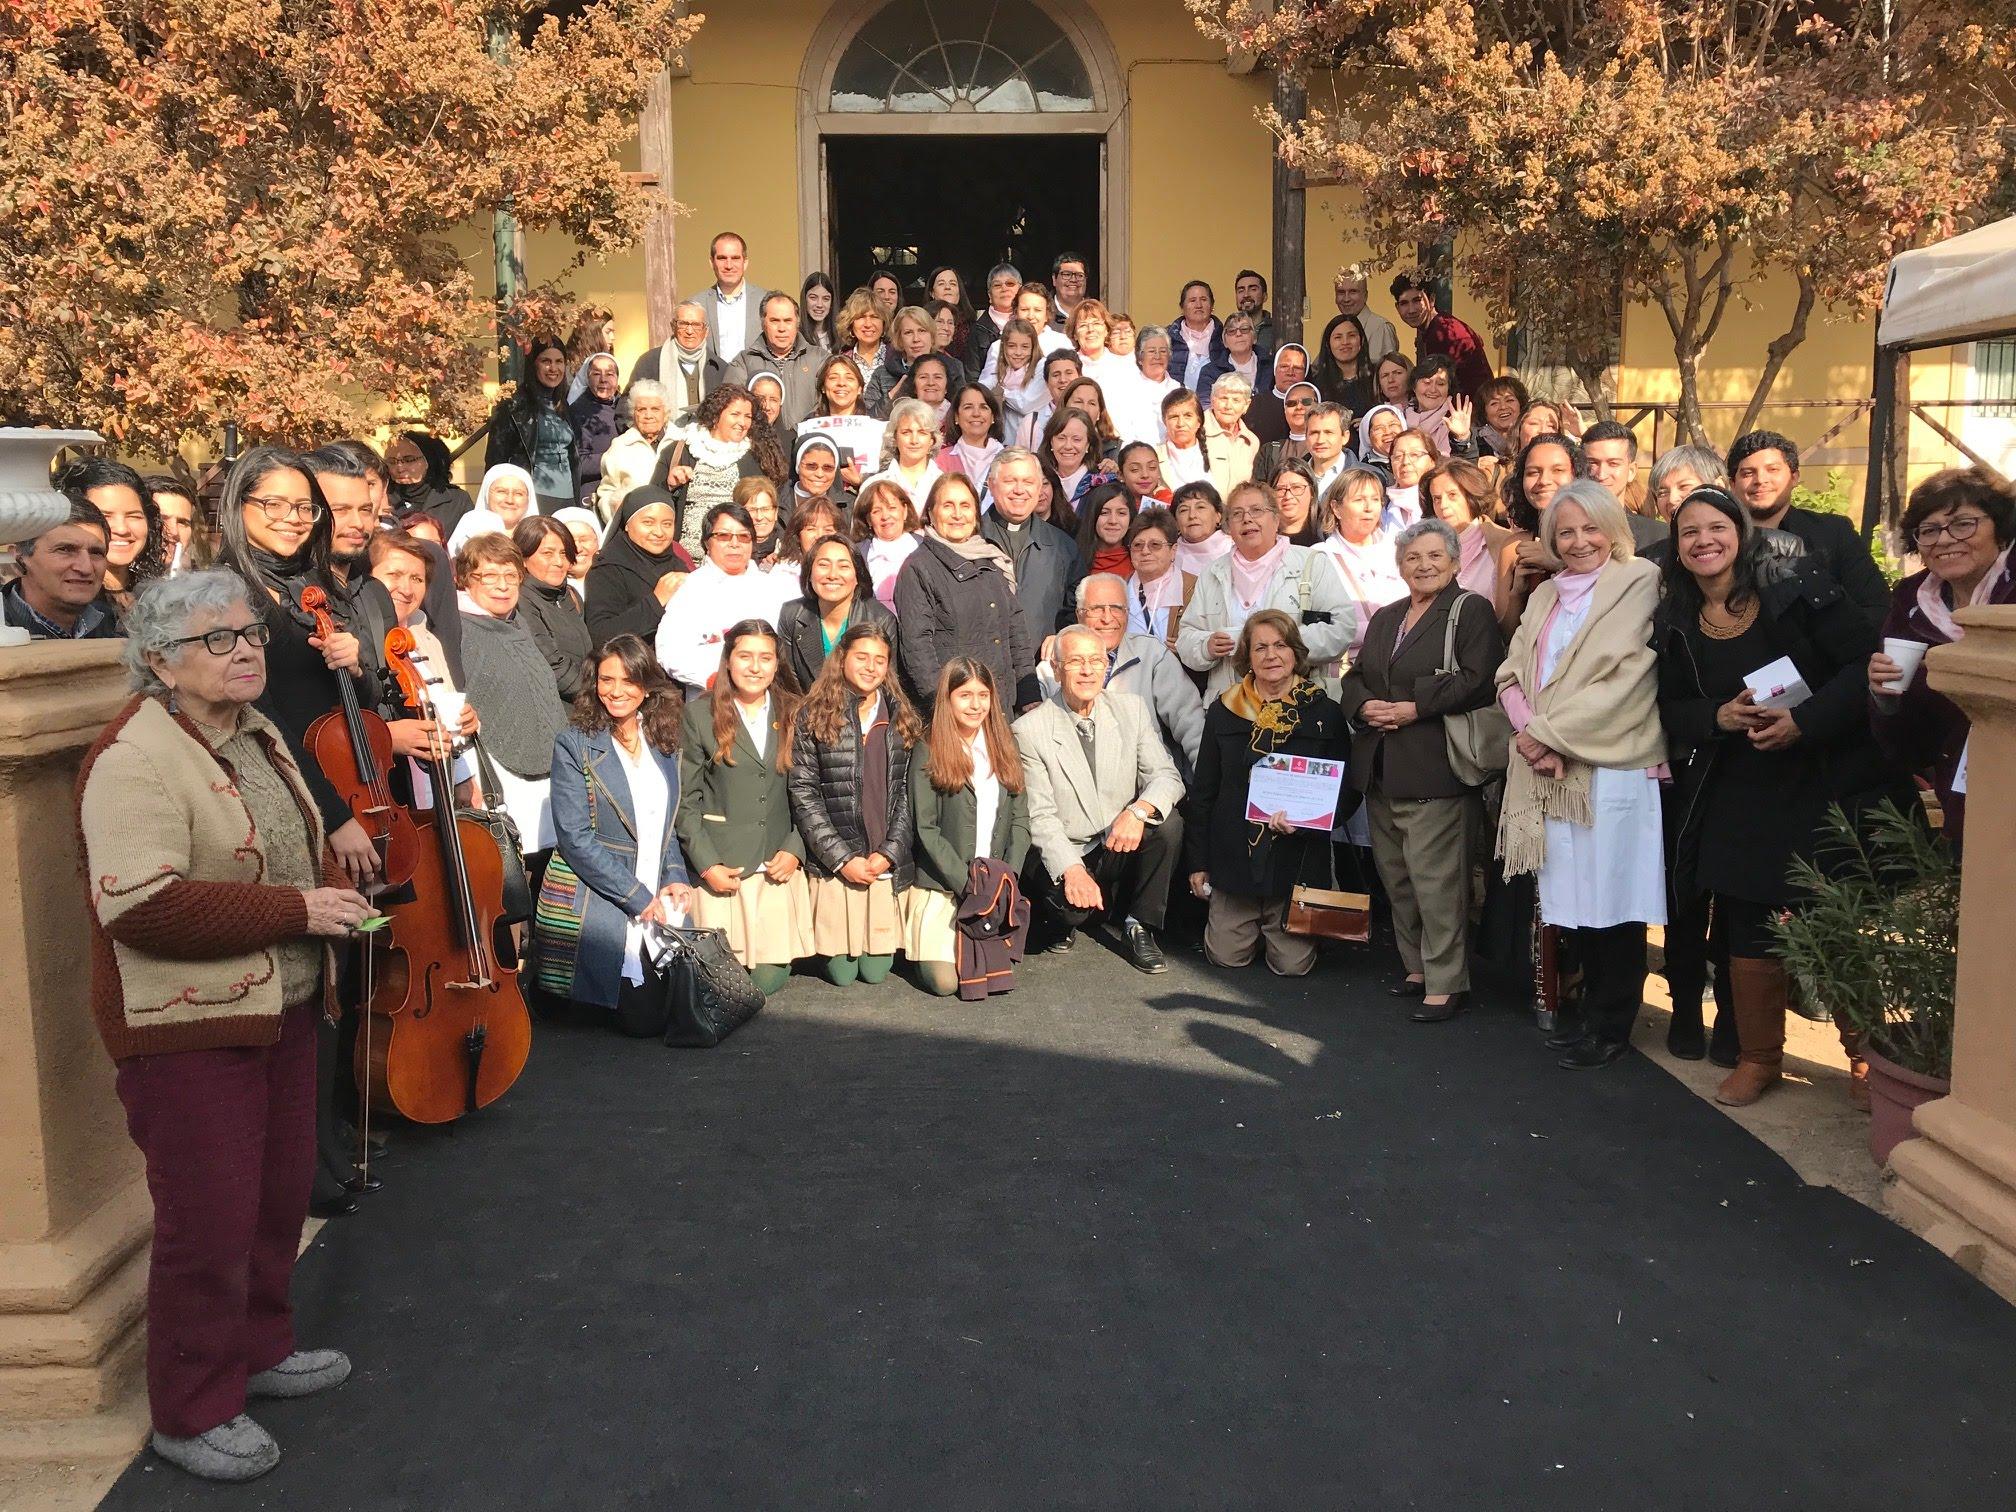 Voluntarios renuevan su compromiso solidario – Fundación Las Rosas